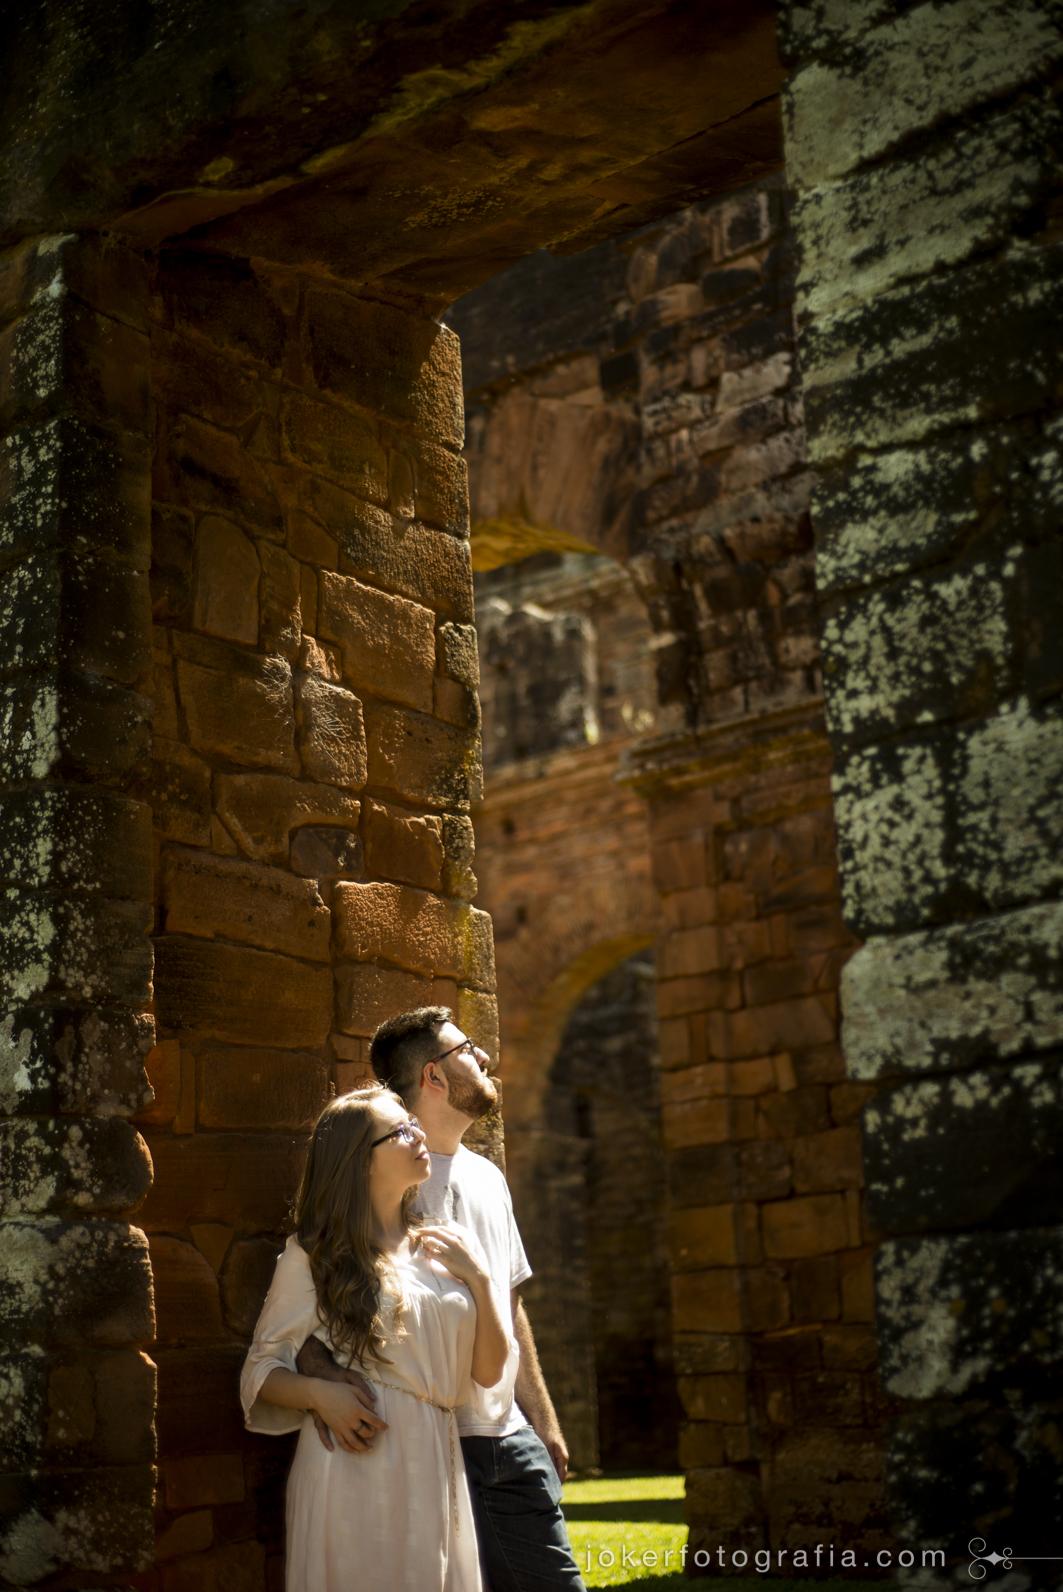 já pensou em fazer seu ensaio pré casamento em ruínas históricas de mais de 200 anos?